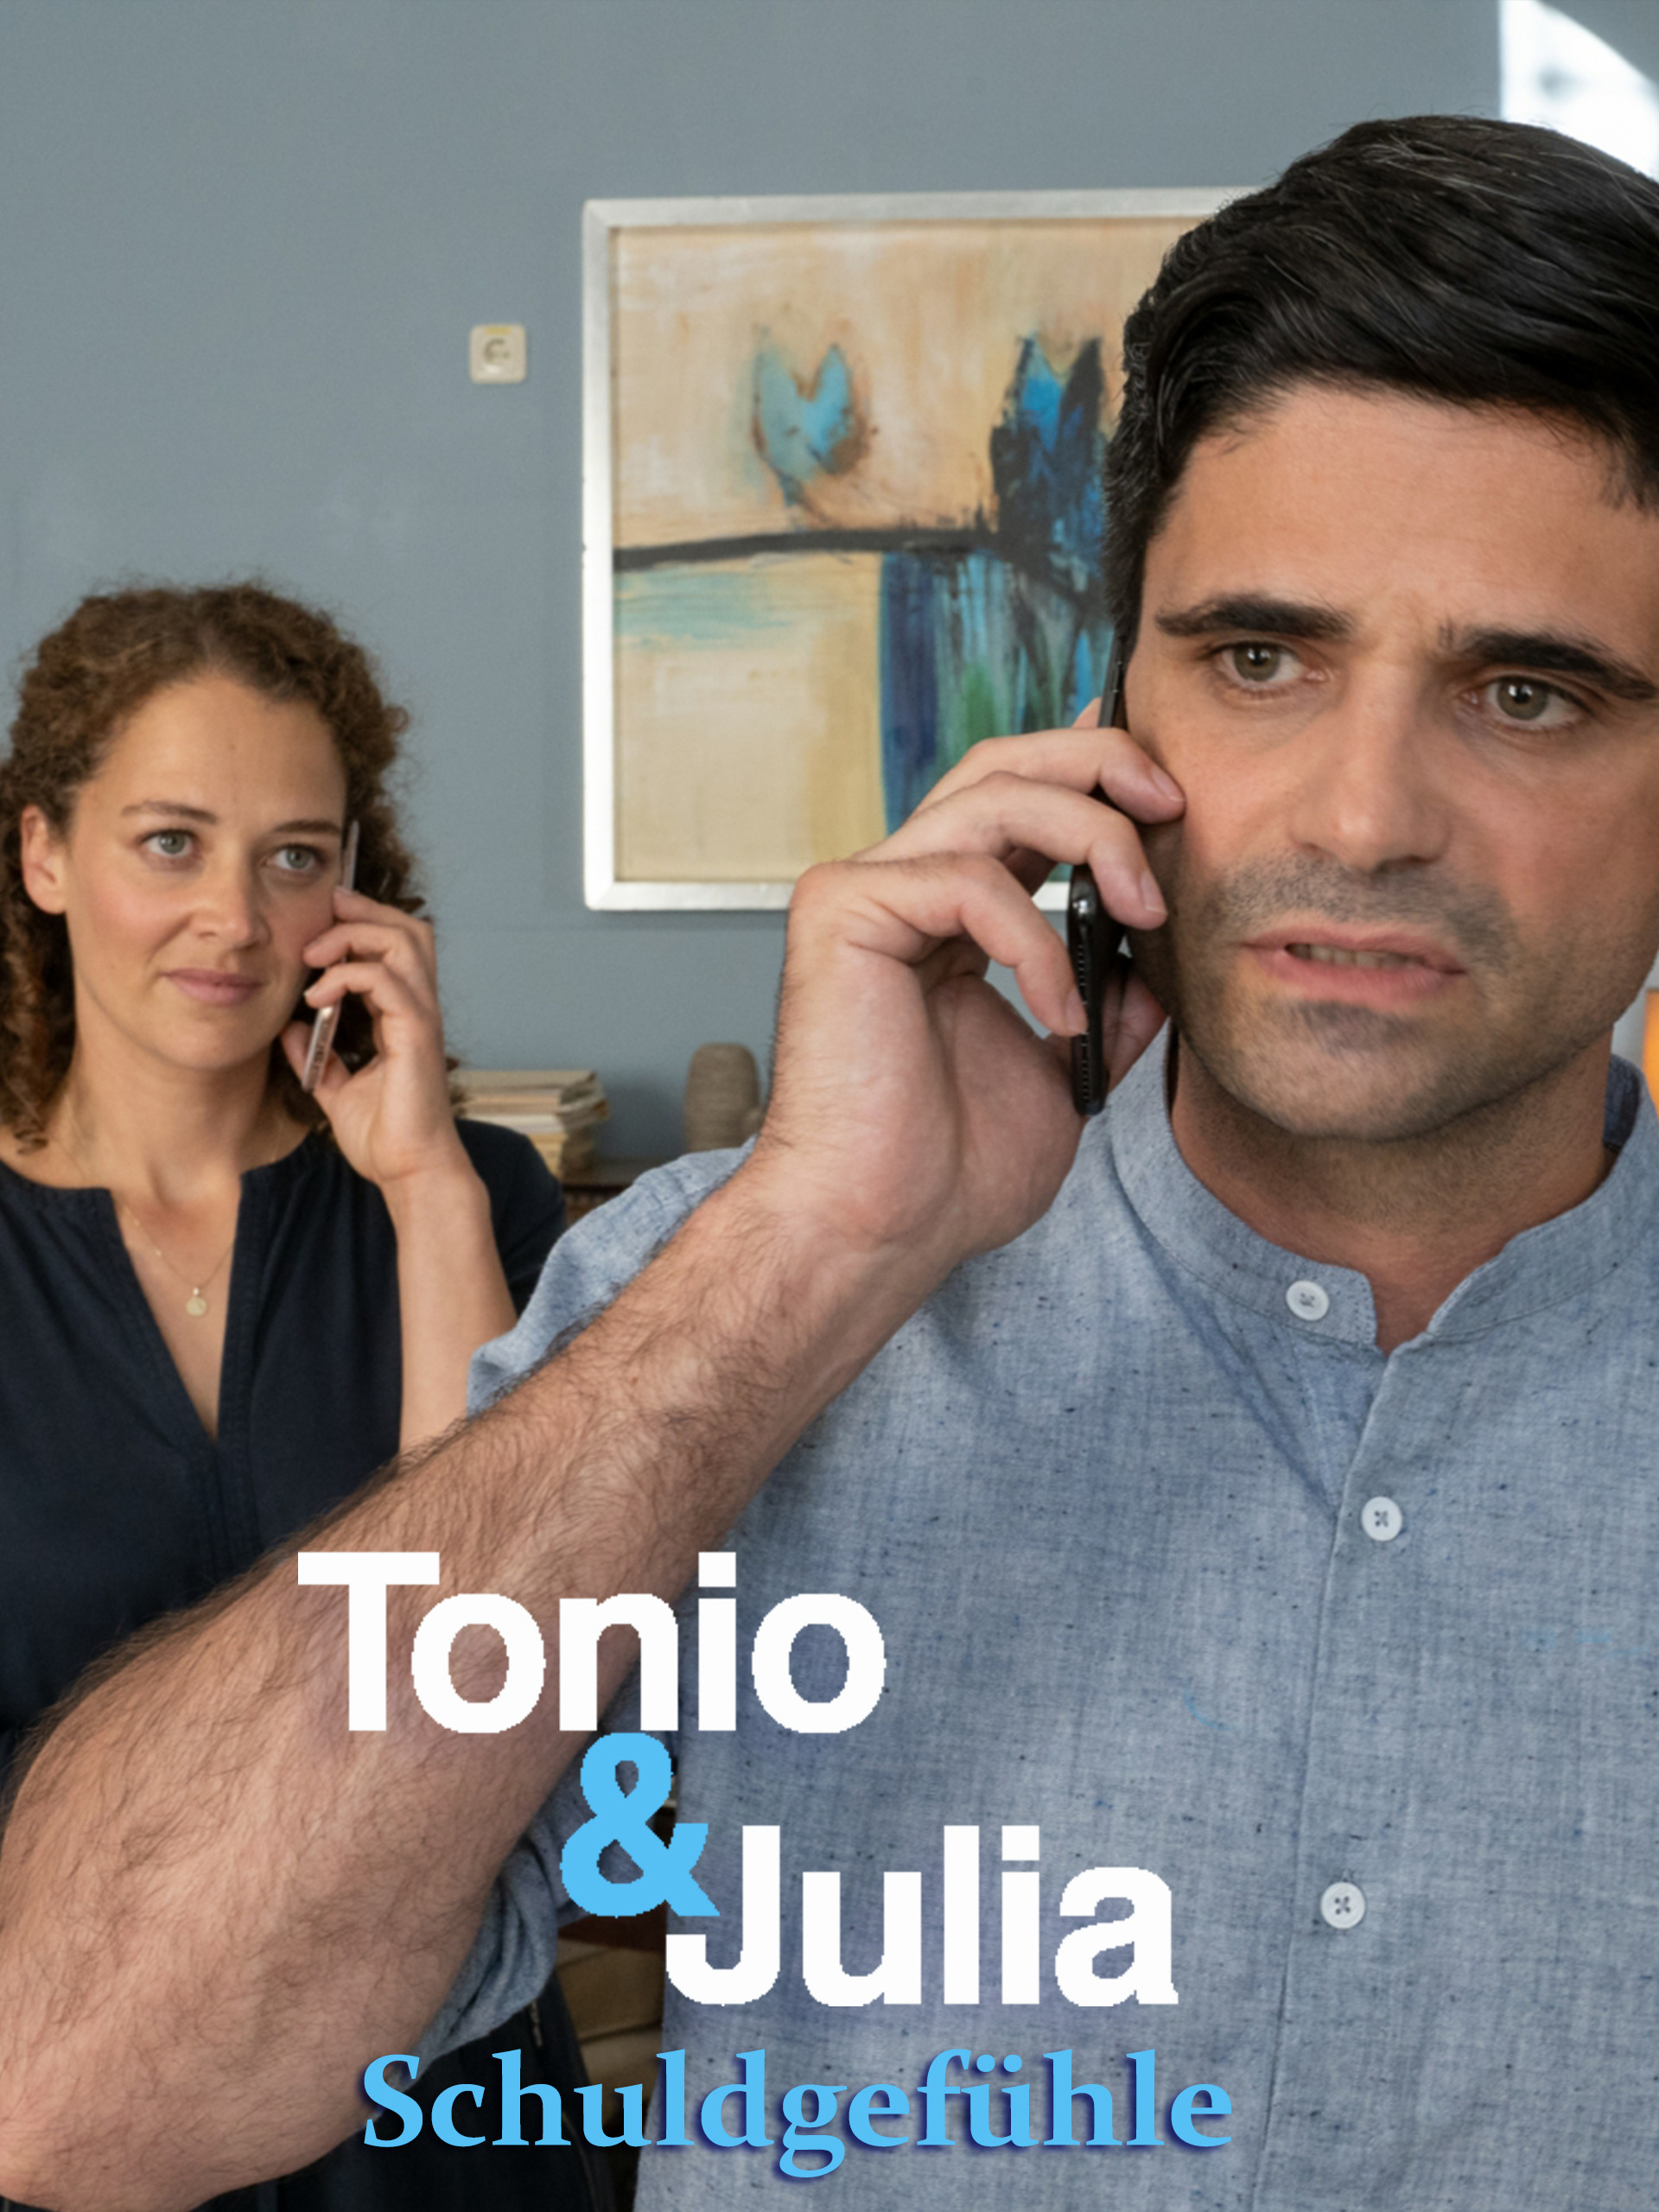 Tonio und Julia - Schuldgefühle